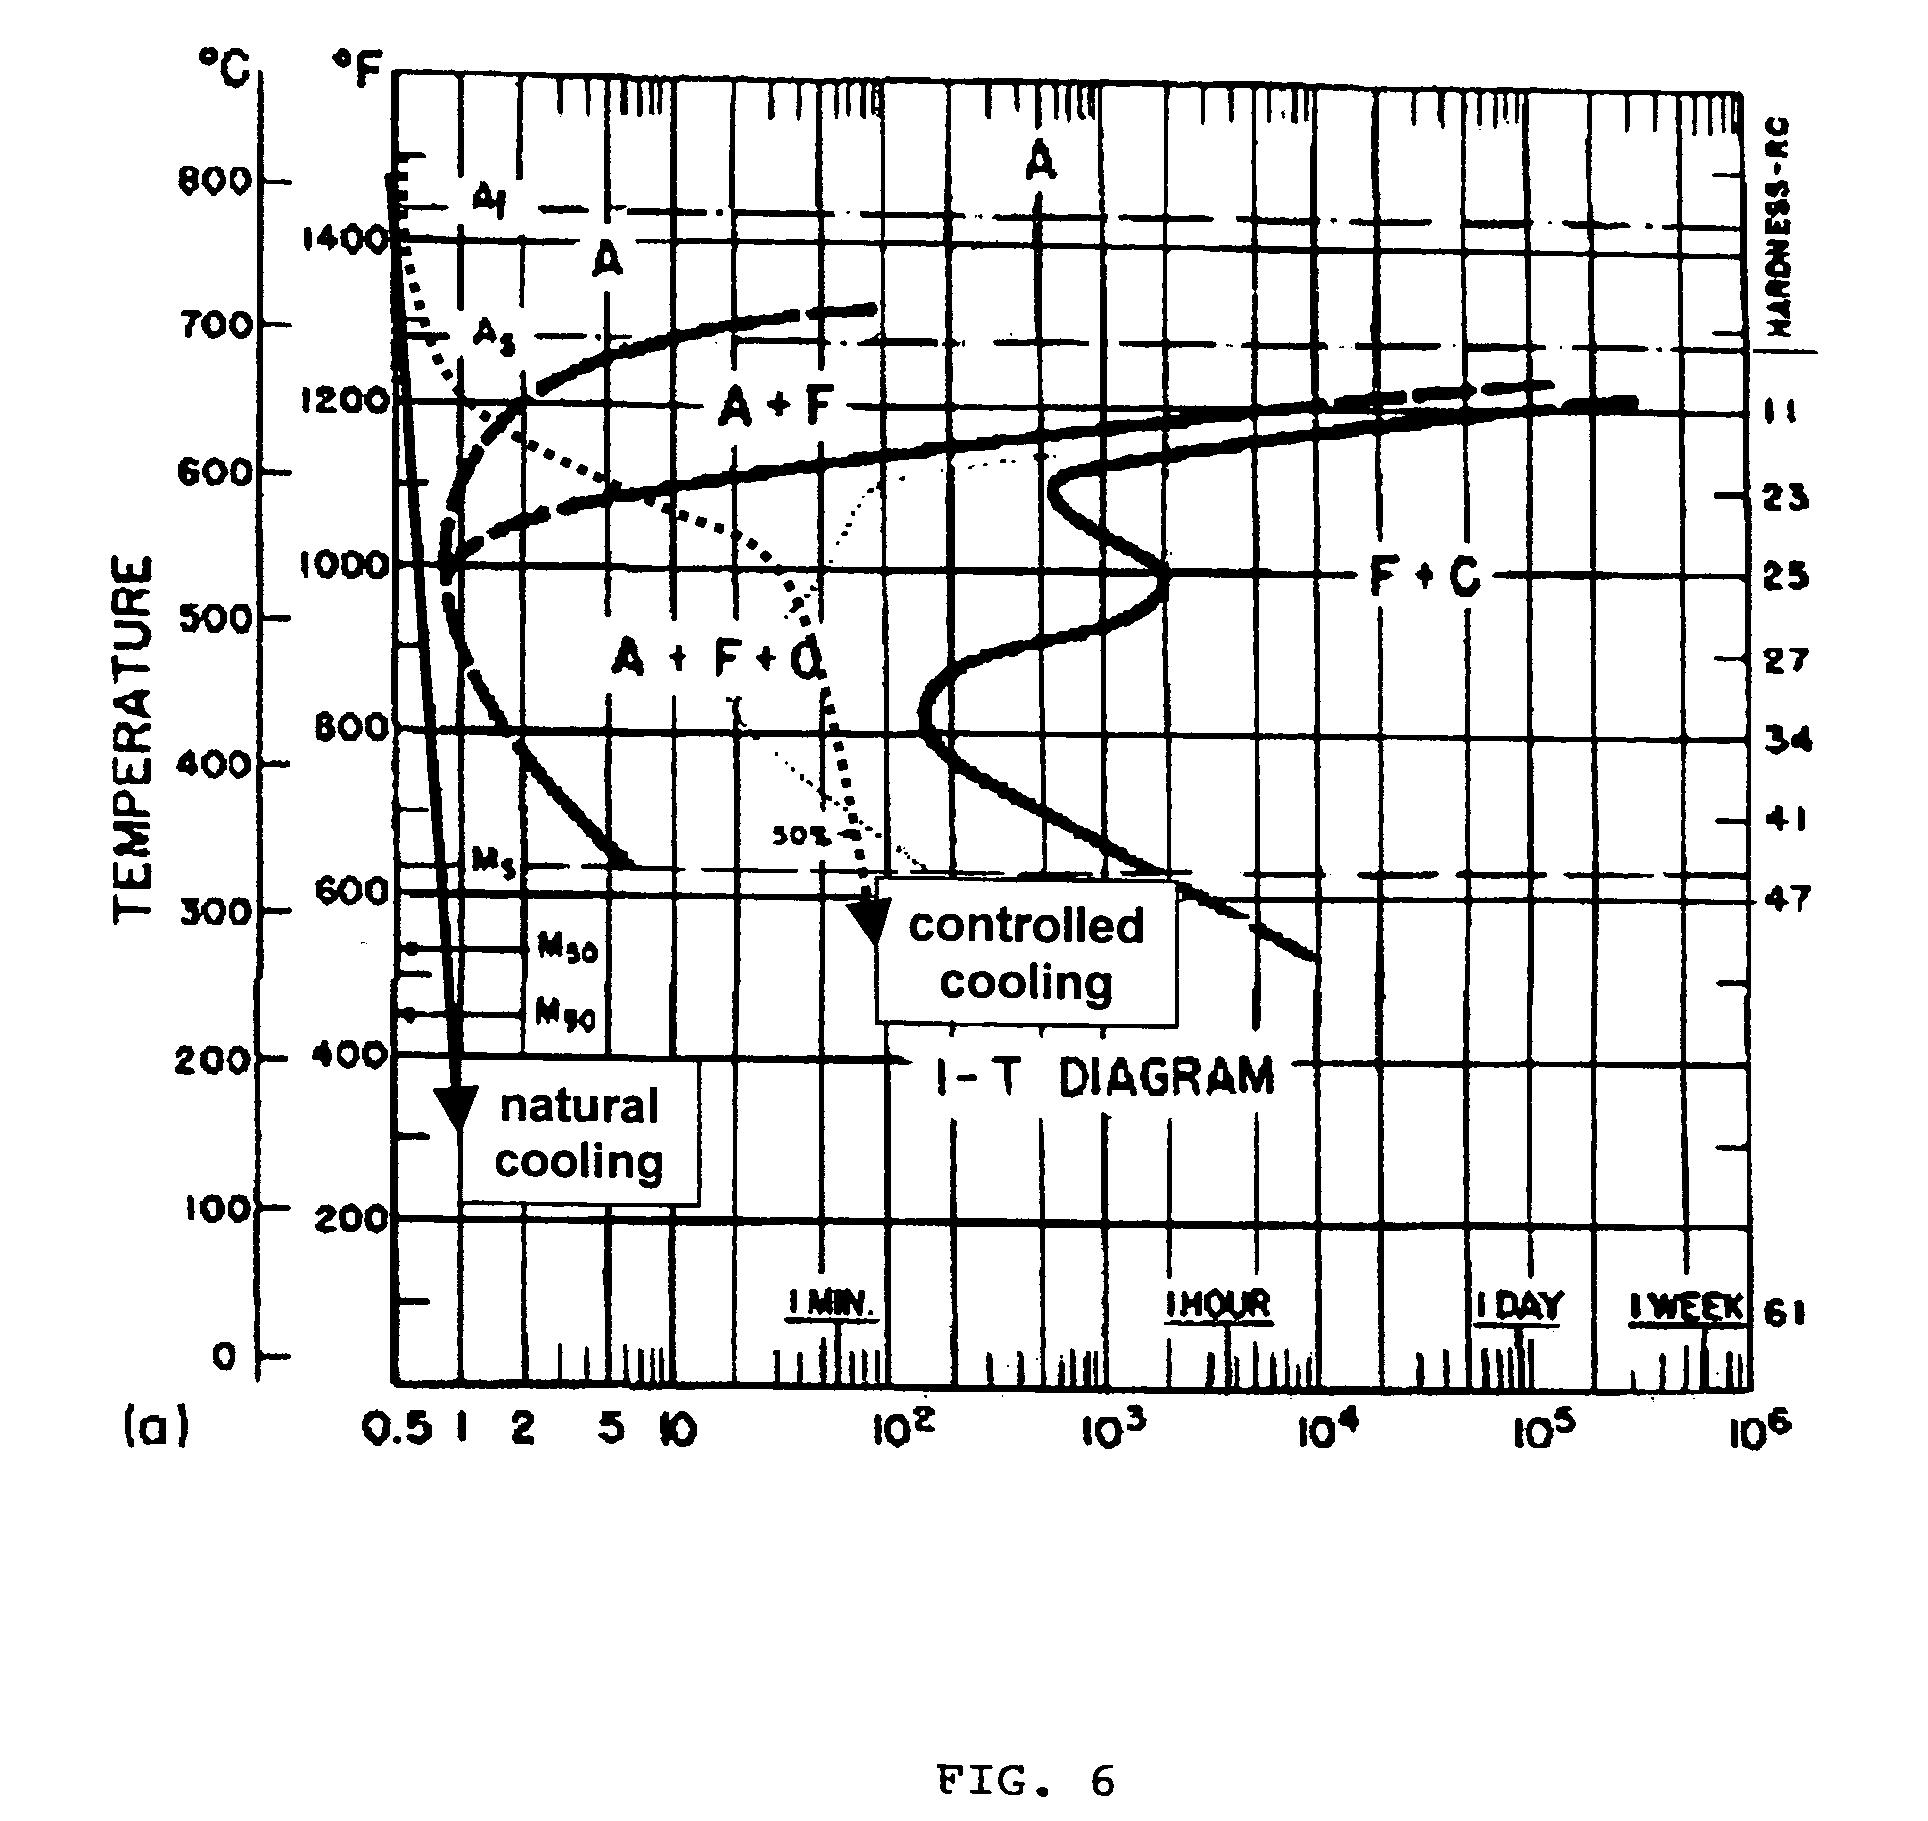 4140 steel phase diagram mazda 6 wiring welding ttt online library